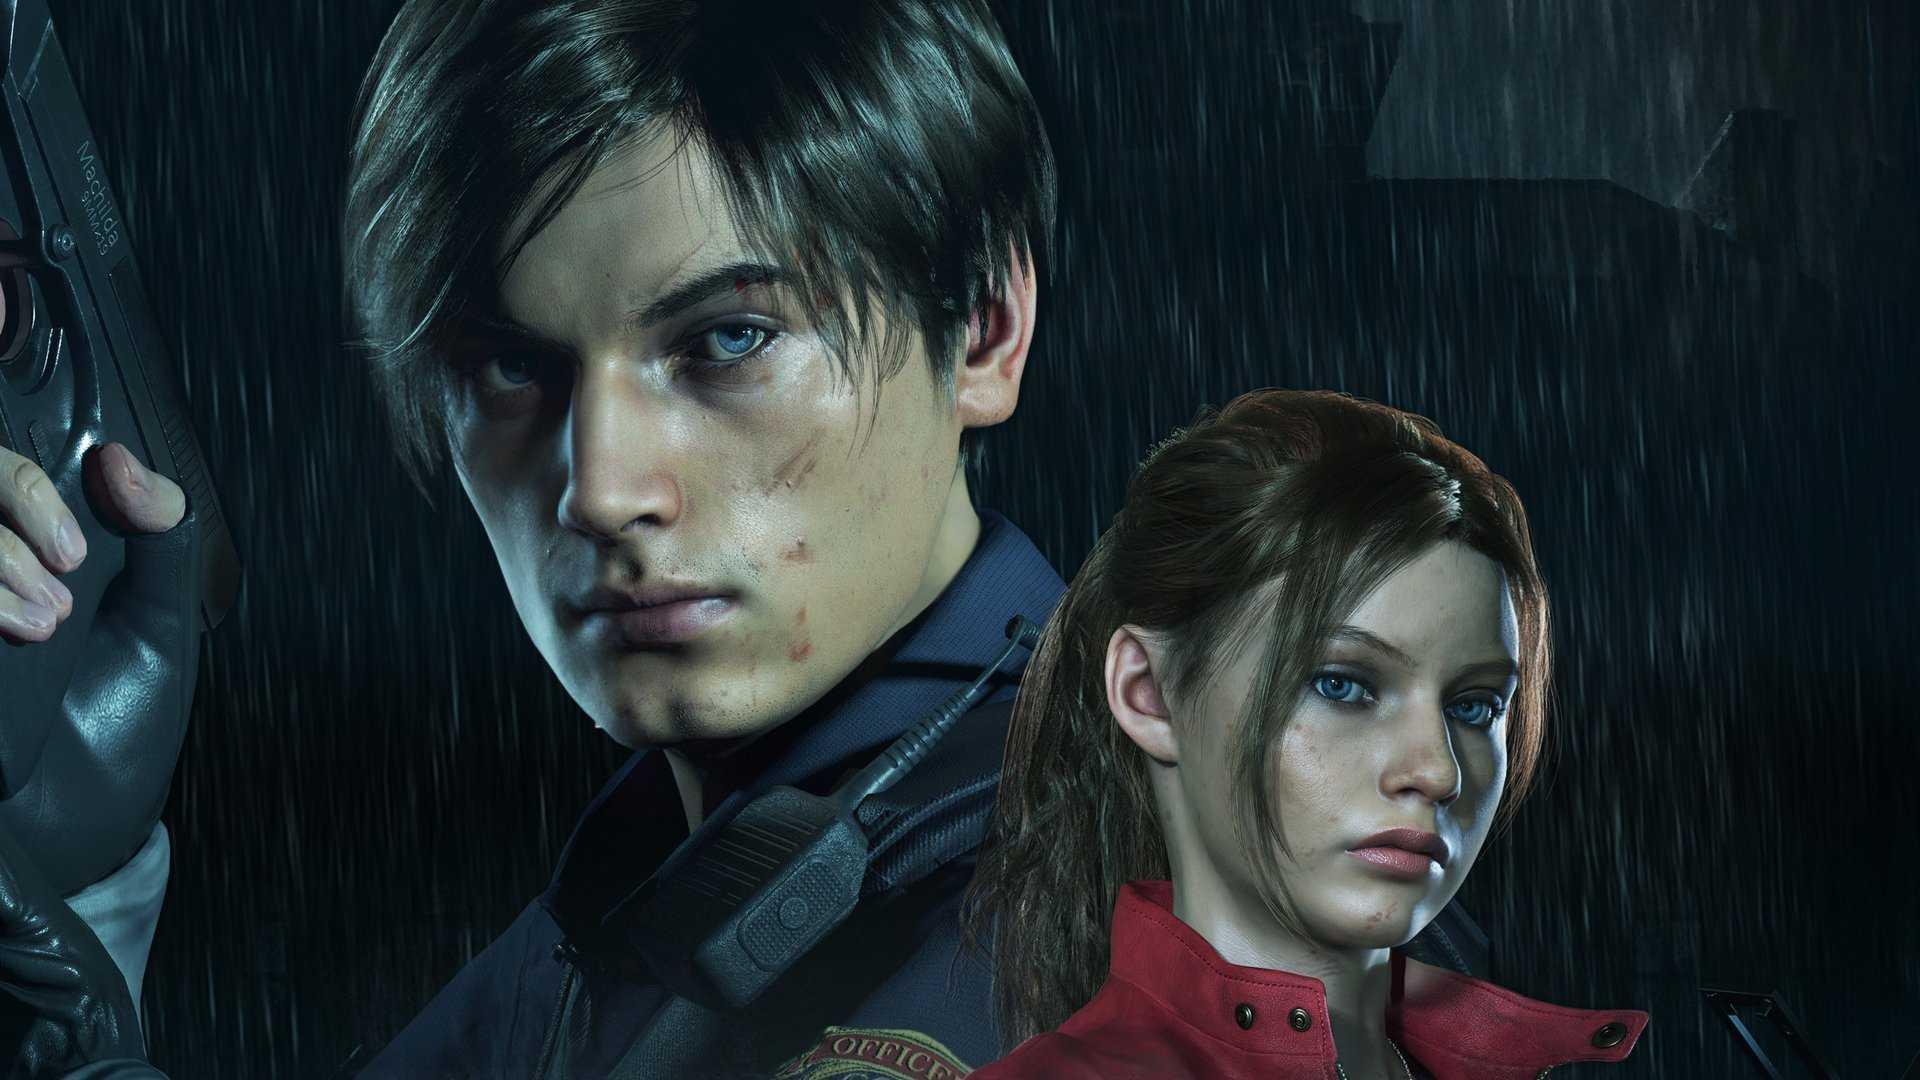 شخصیتهای بازی Resident Evil 2 Remake